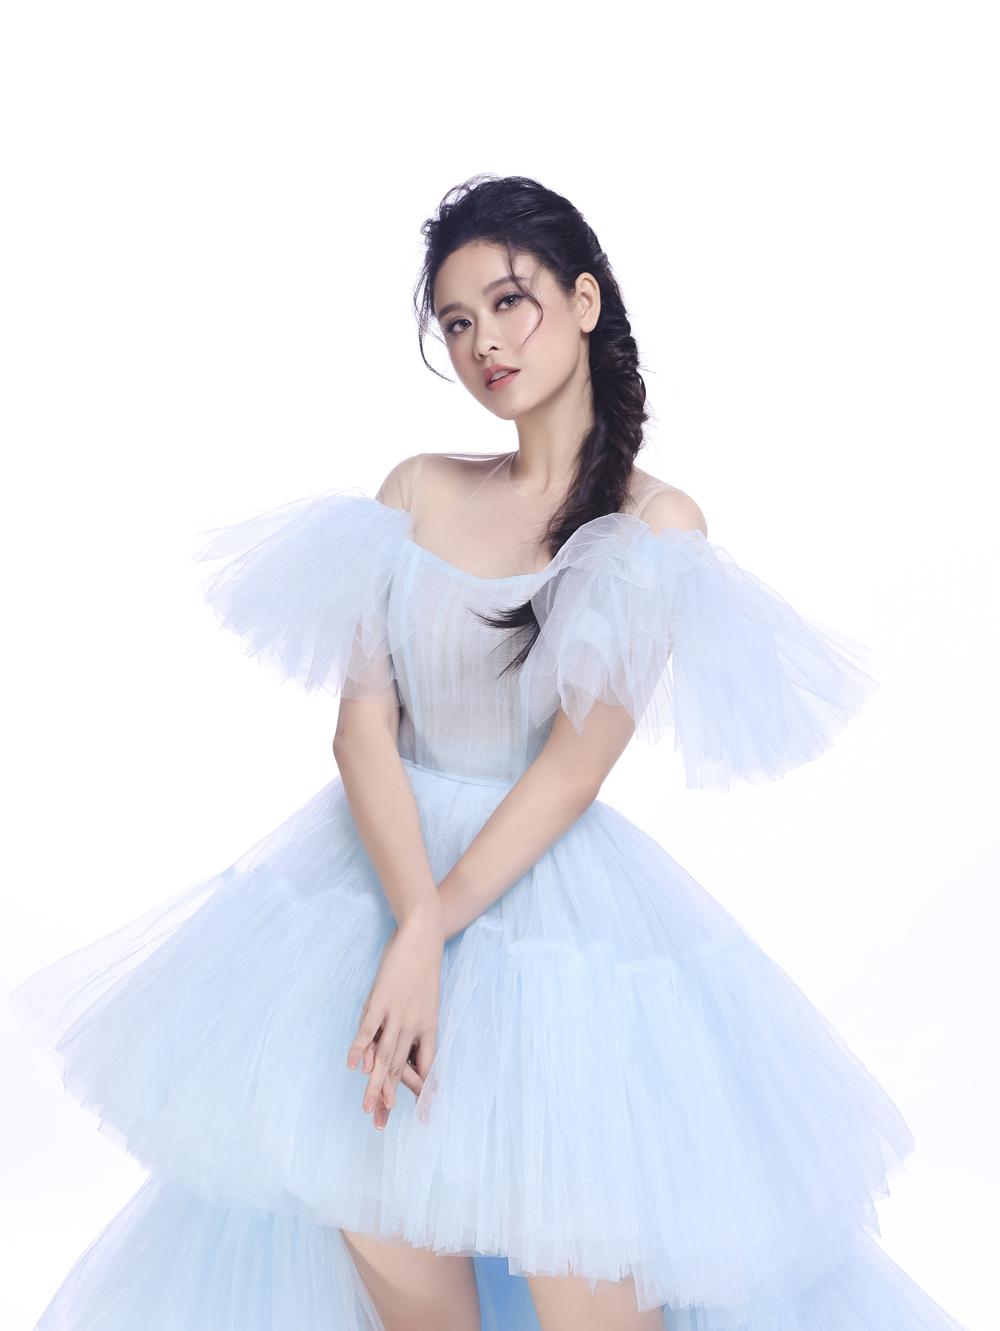 Trương Quỳnh Anh toát lên tính hiện đại, chất quyến rũ pha trộn với một chút kiêu kỳ trong bộ đầm tinh khôi màu xanh nhạt.